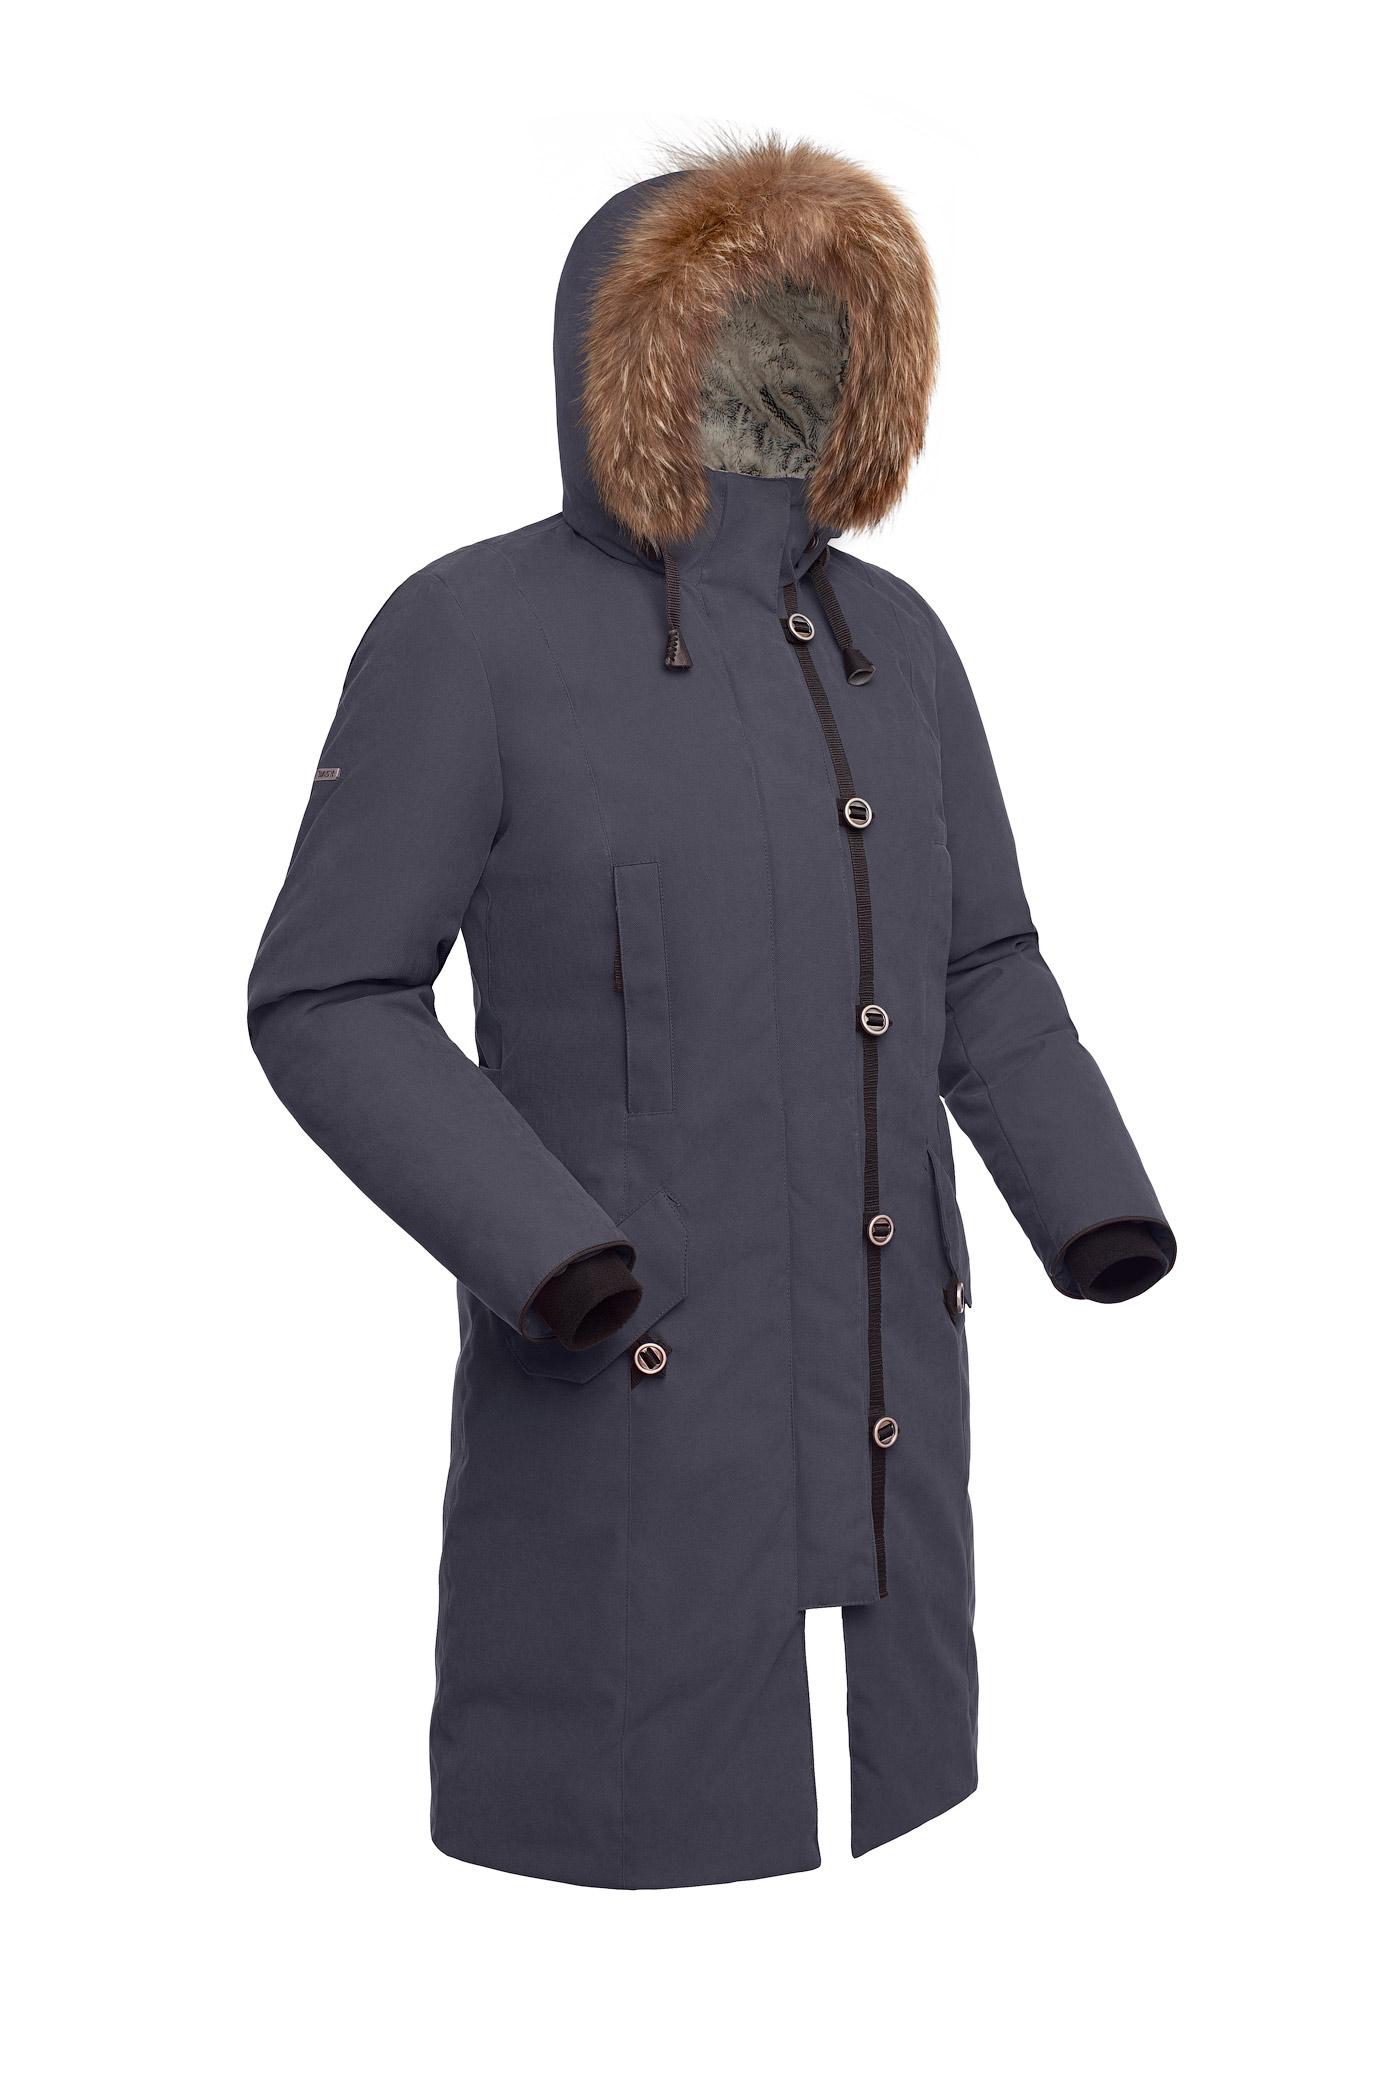 Пальто пуховое женское BASK HATANGA V2 темно-серое, Пальто - арт. 971270409